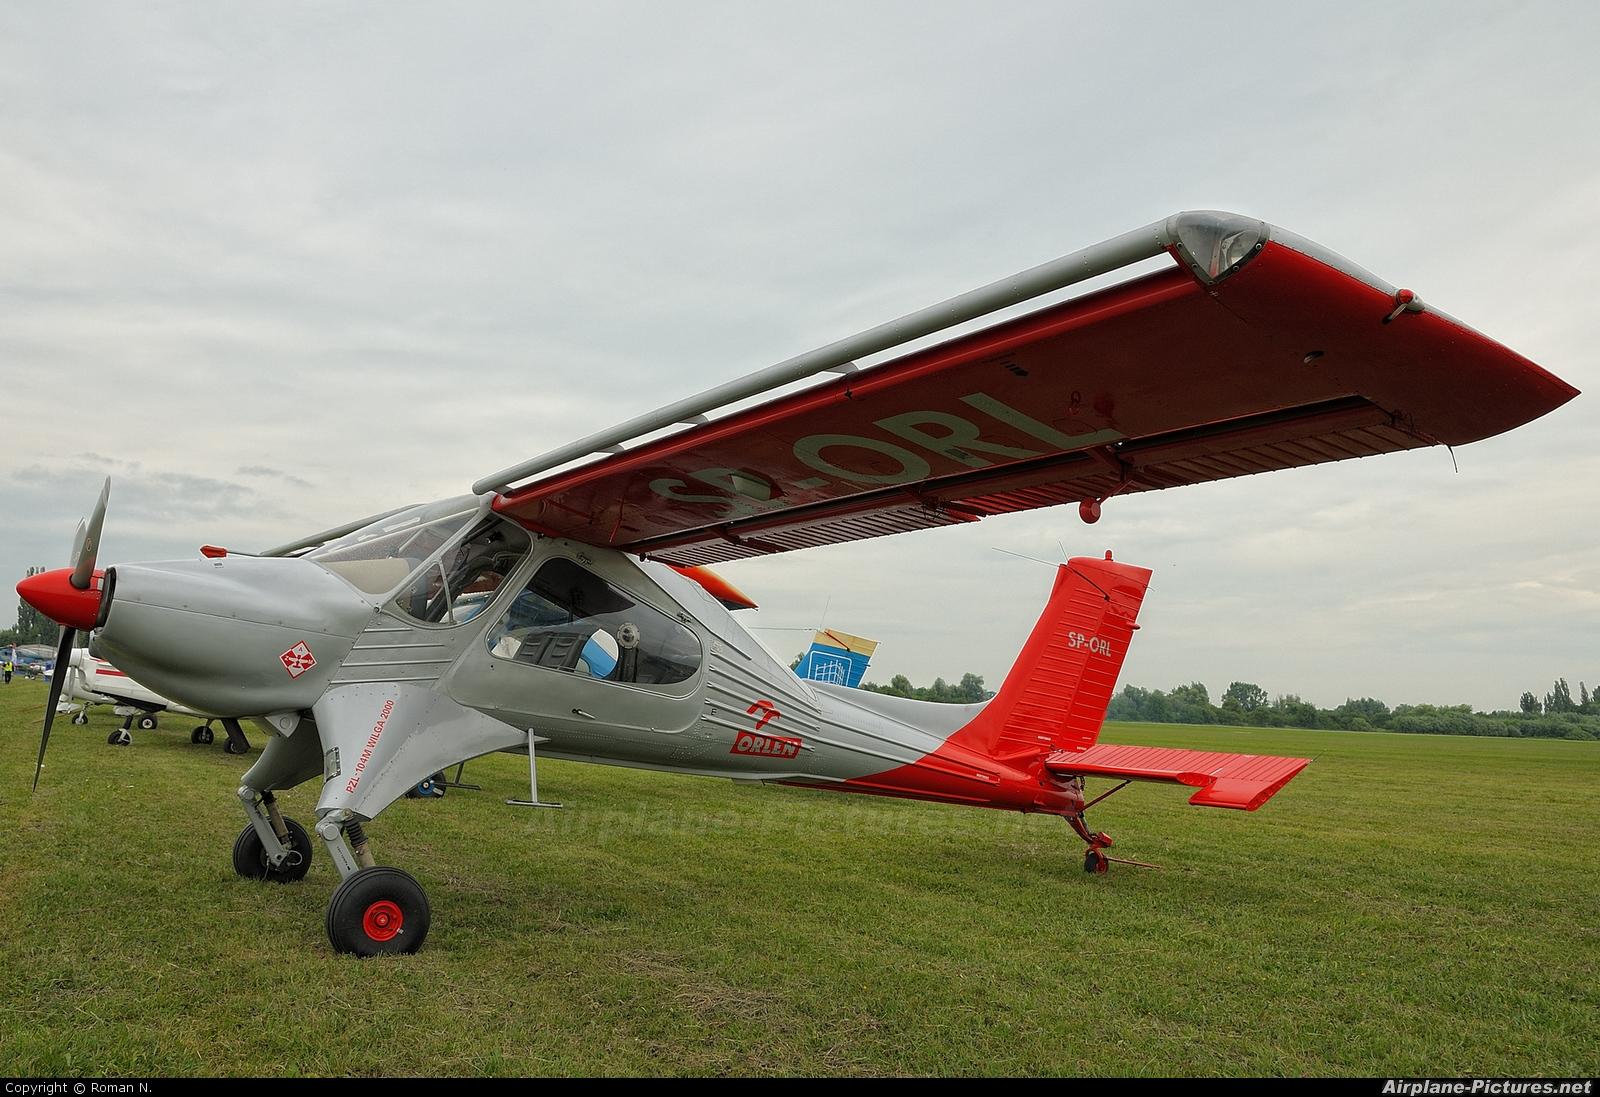 SP-ORL - Aeroklub Ziemi Mazowieckiej PZL 104 Wilga 2000 at